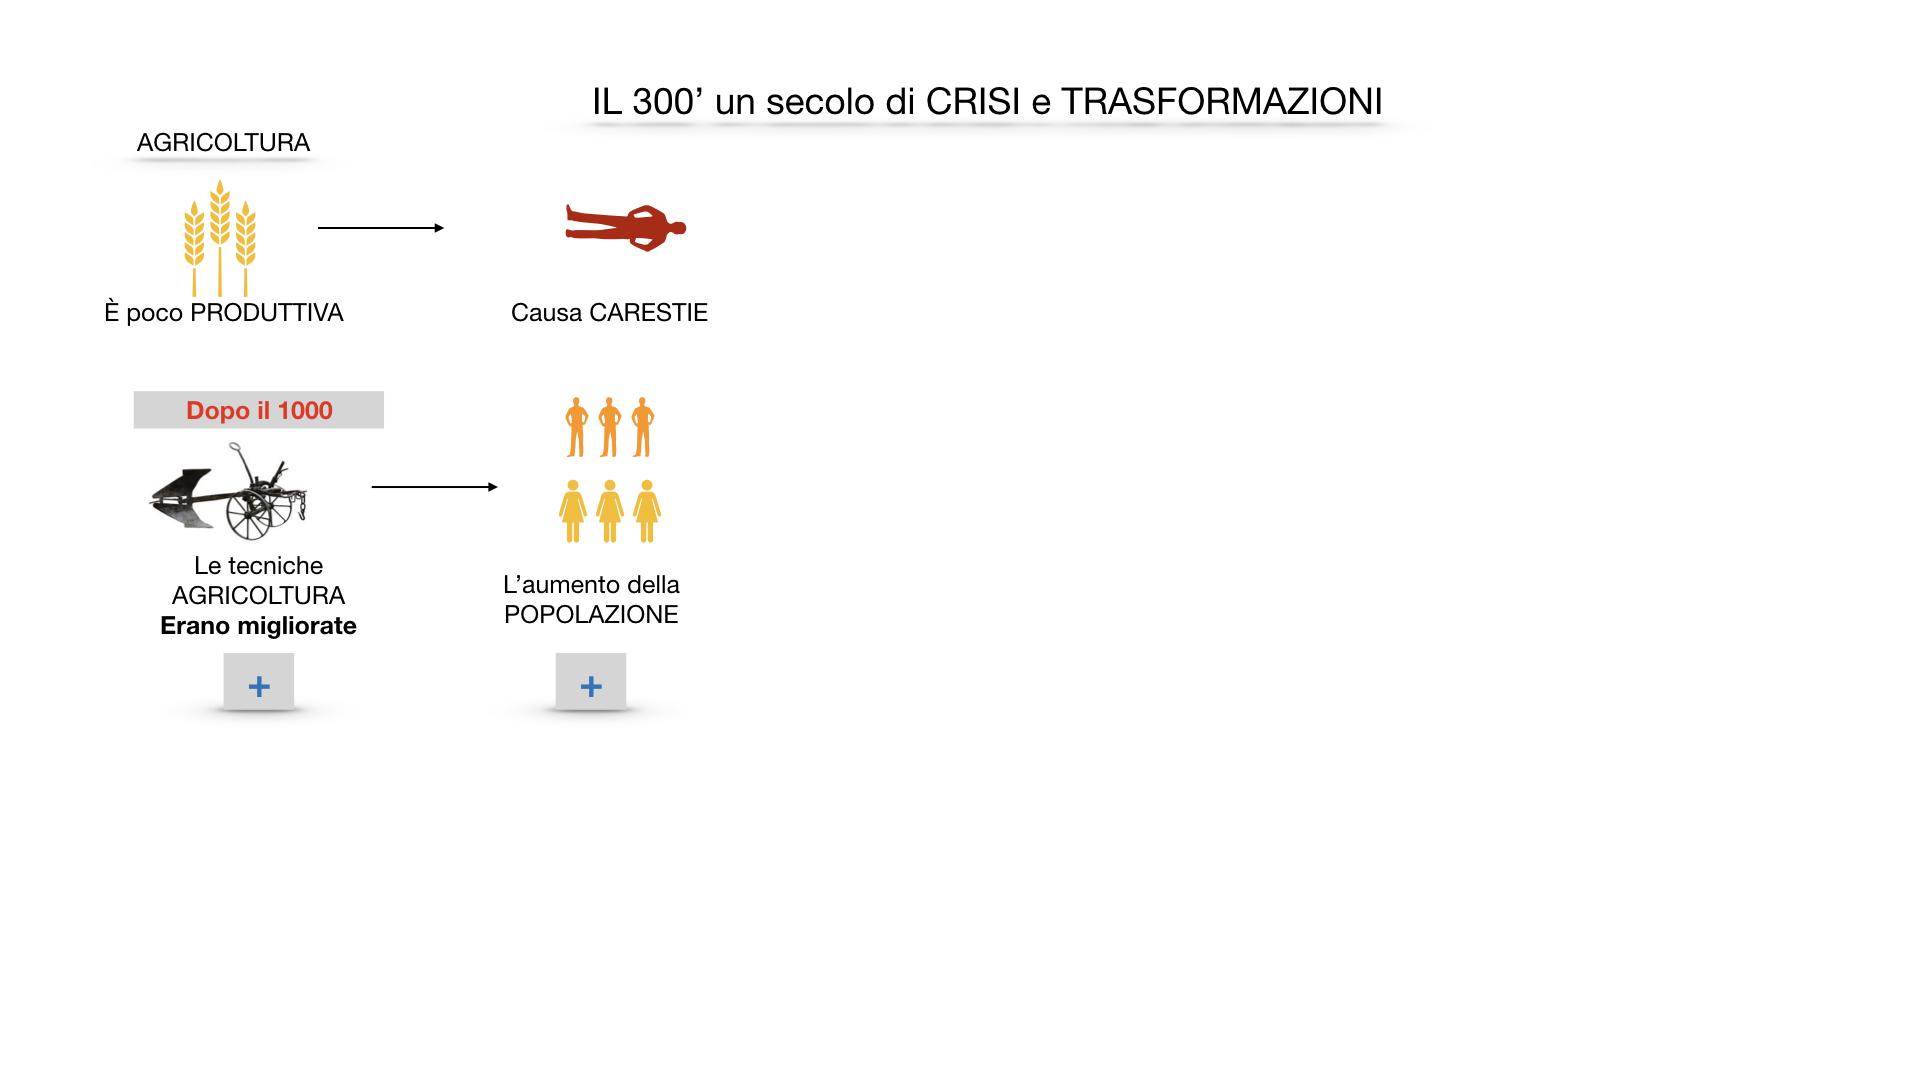 il 300 crisi e trasformazioni_ SIMULAZIONE.008